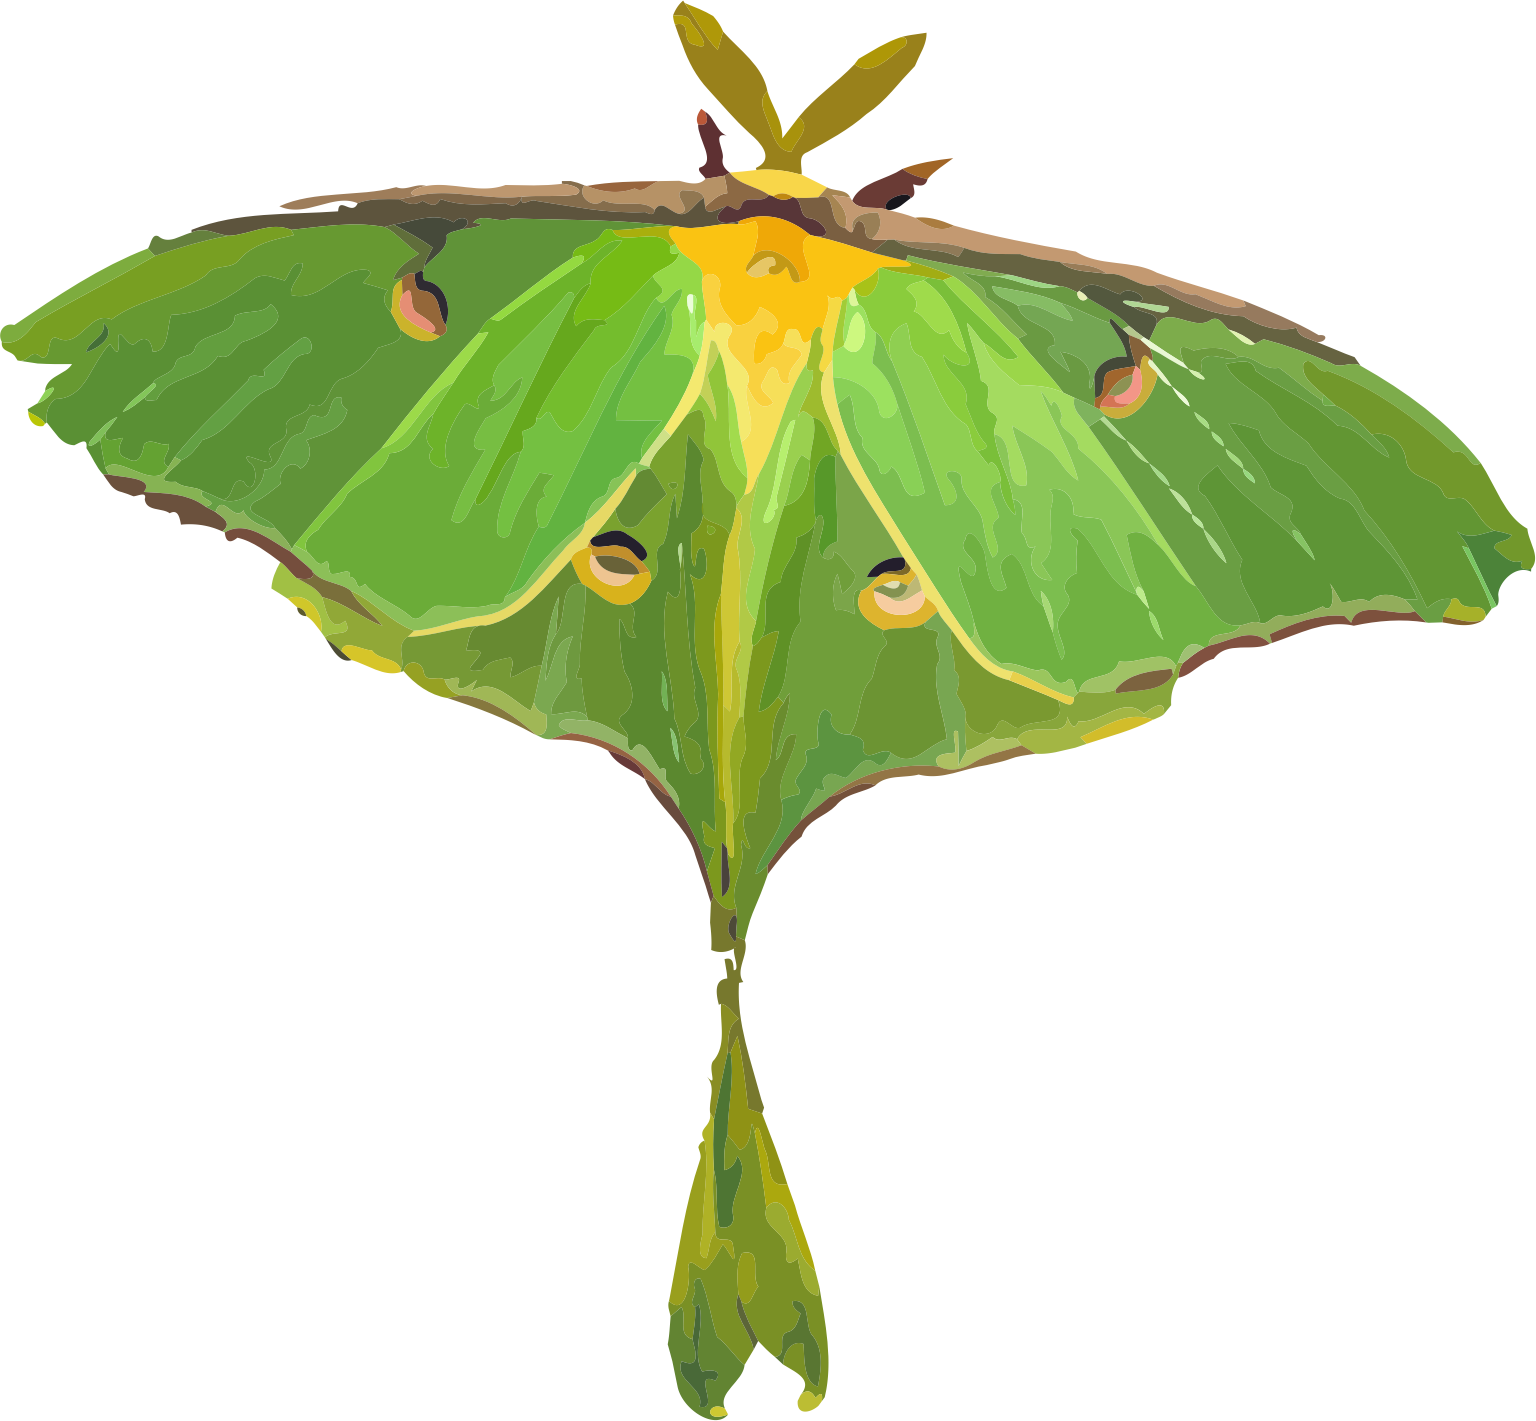 Actias big image png. Moth clipart luna moth